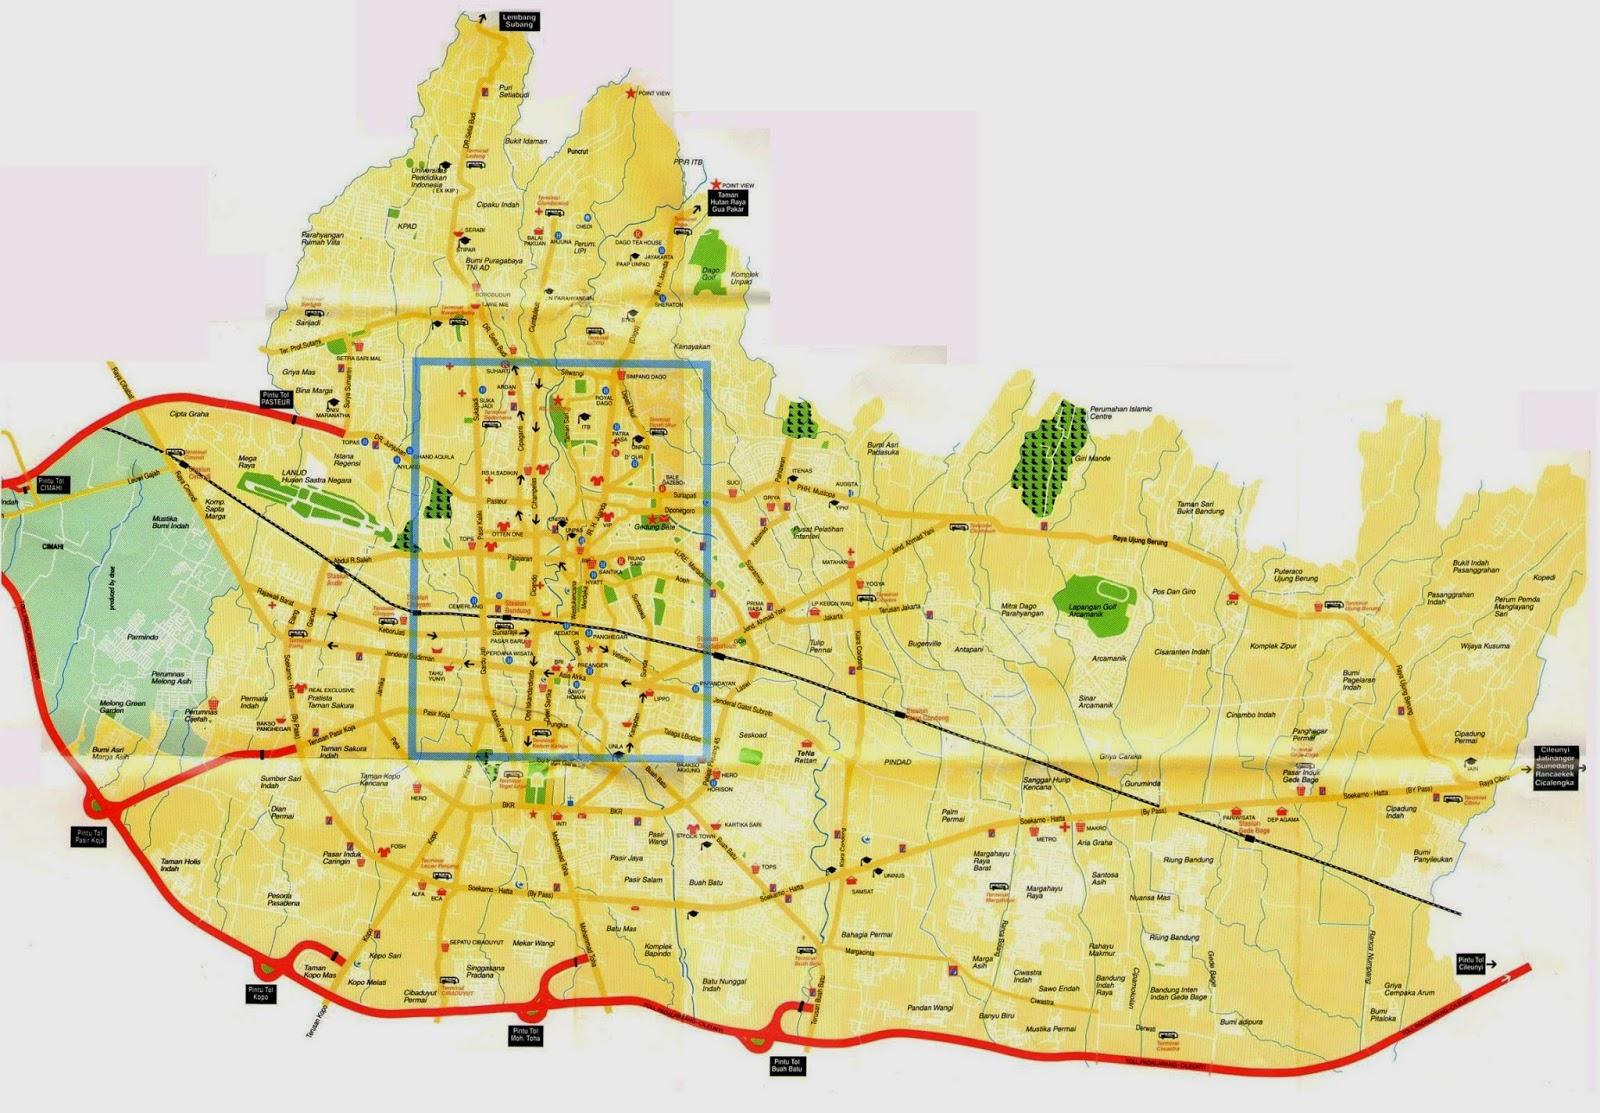 Peta bandung Utara, Bandung Kota, Peta bandung, Bandung Barat, bandung Selatan, bandung Raya, UPI